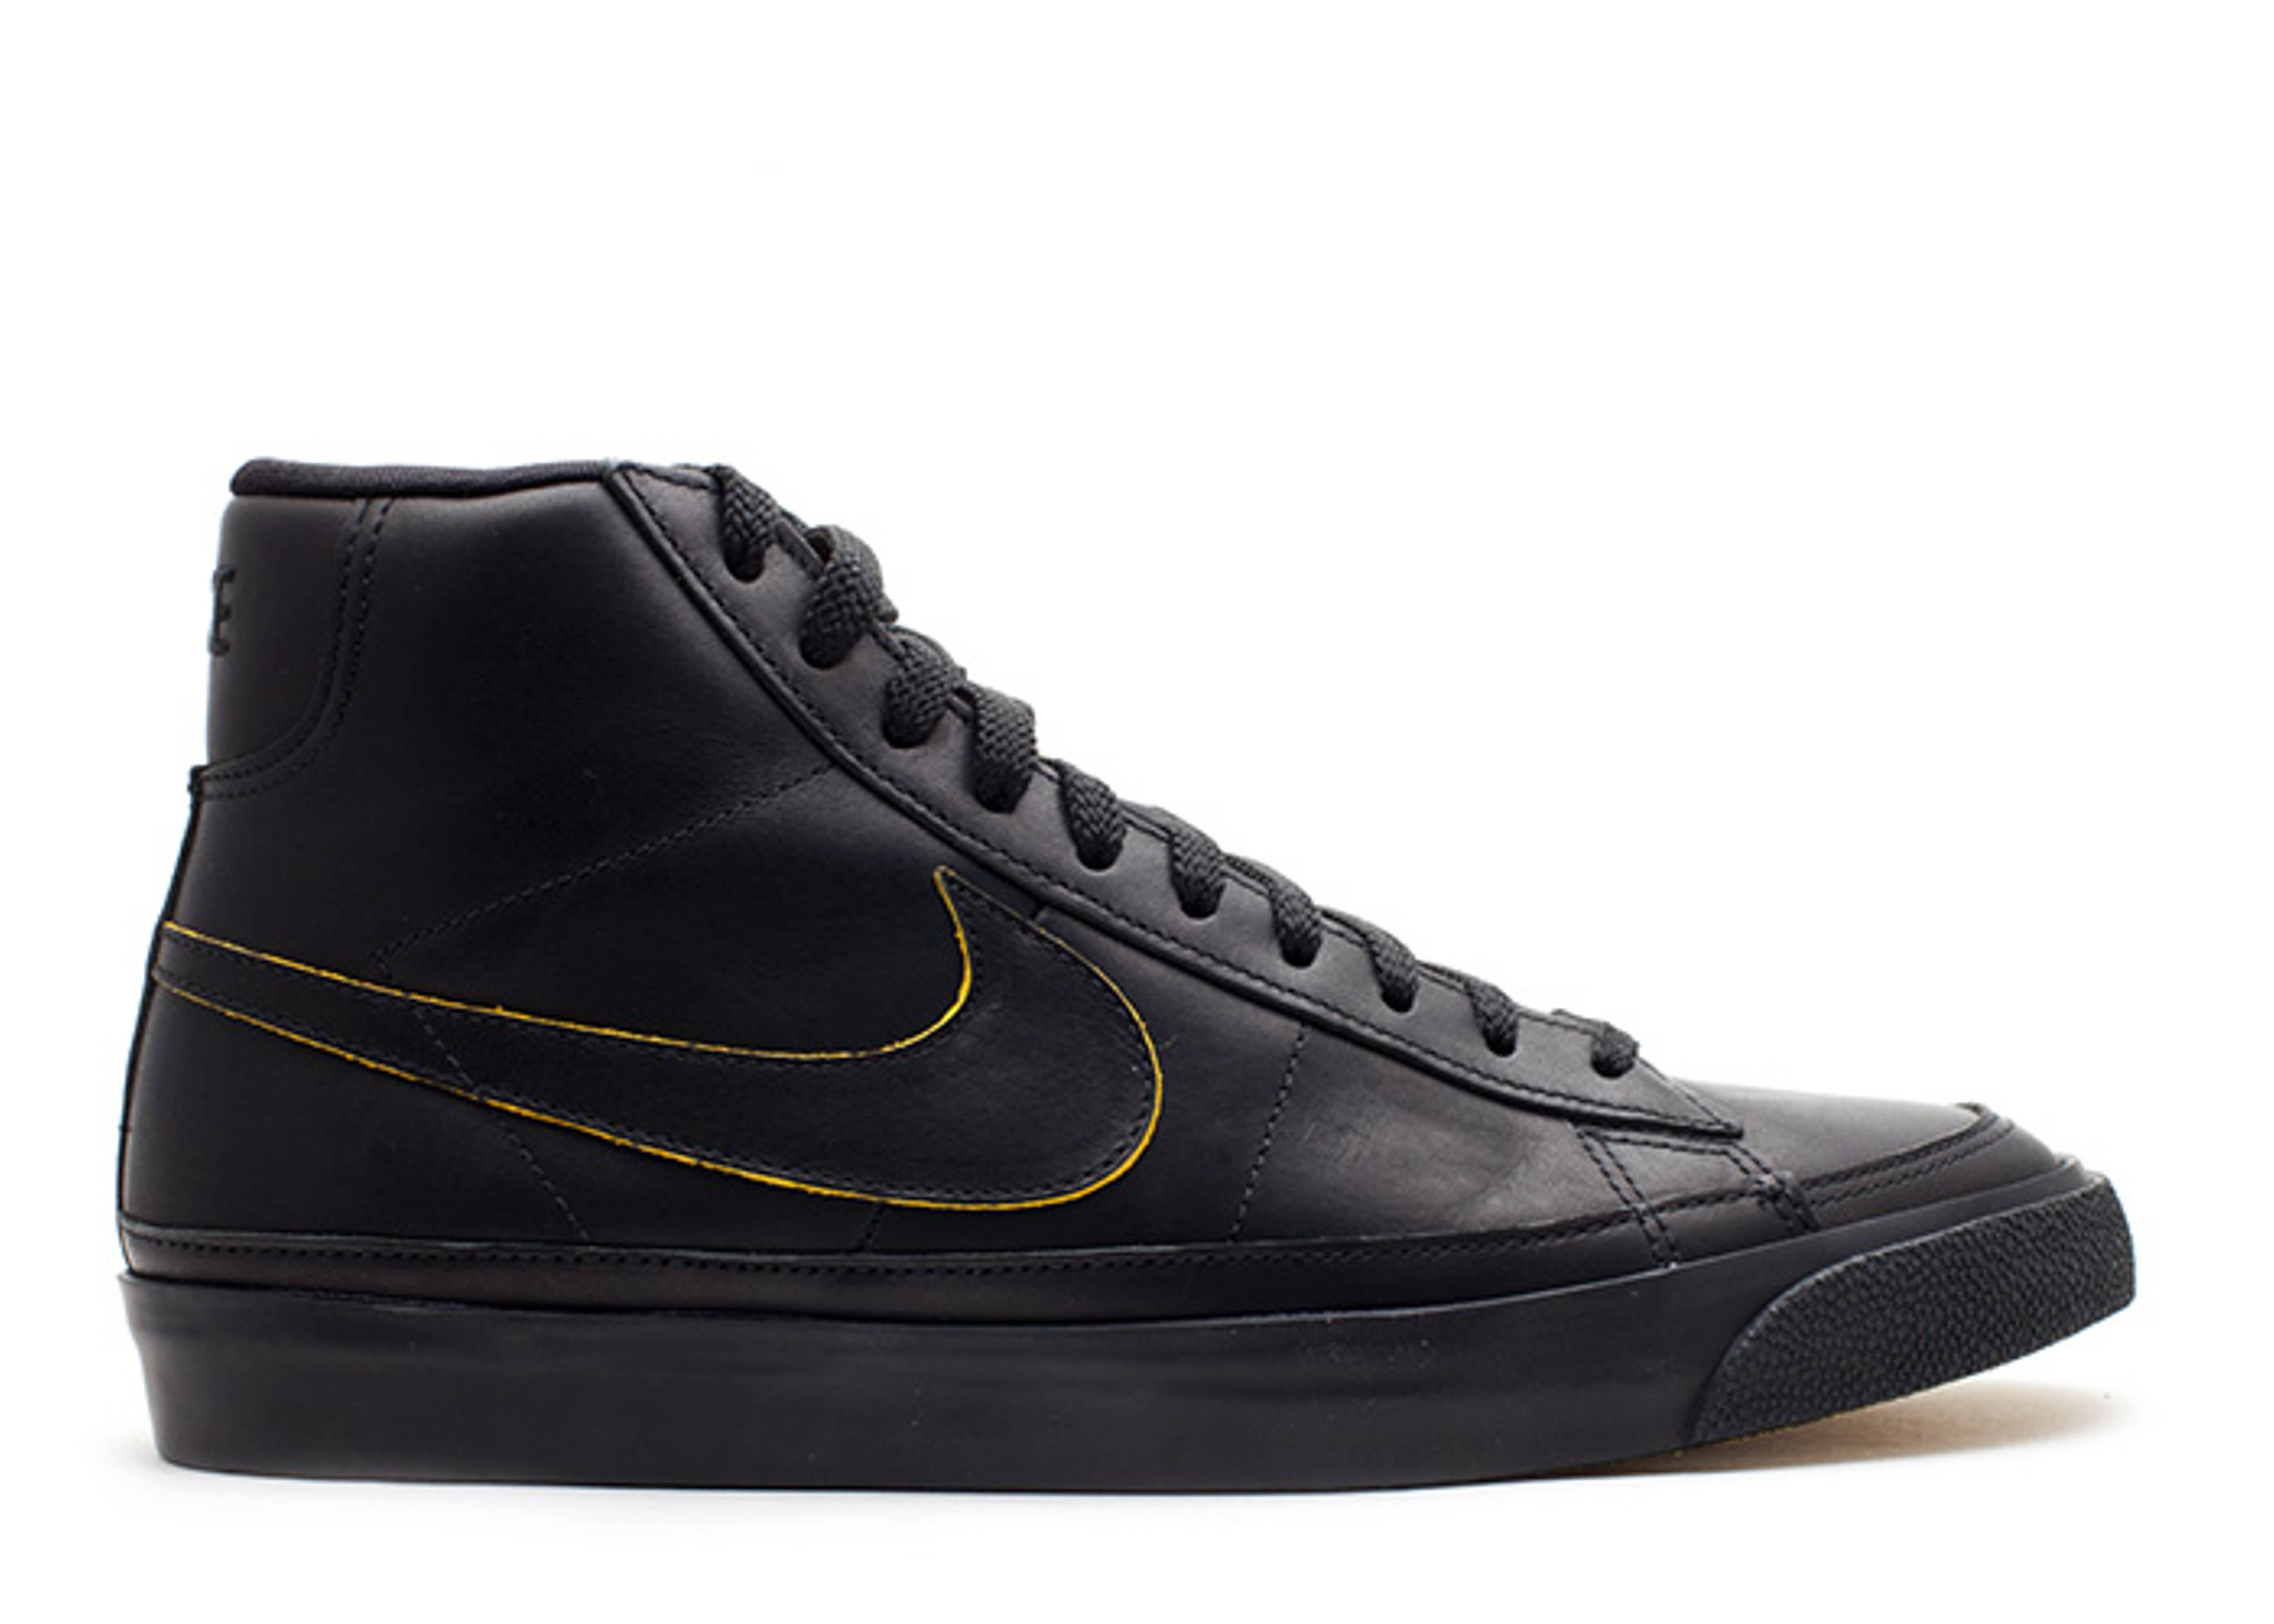 Hombres Nike Blazer Negro Y Verde Mediados Club De Entrenadores SAST venta barata real Distancia barato Footaction Amazon nicekicks venta barata KAgILLUc